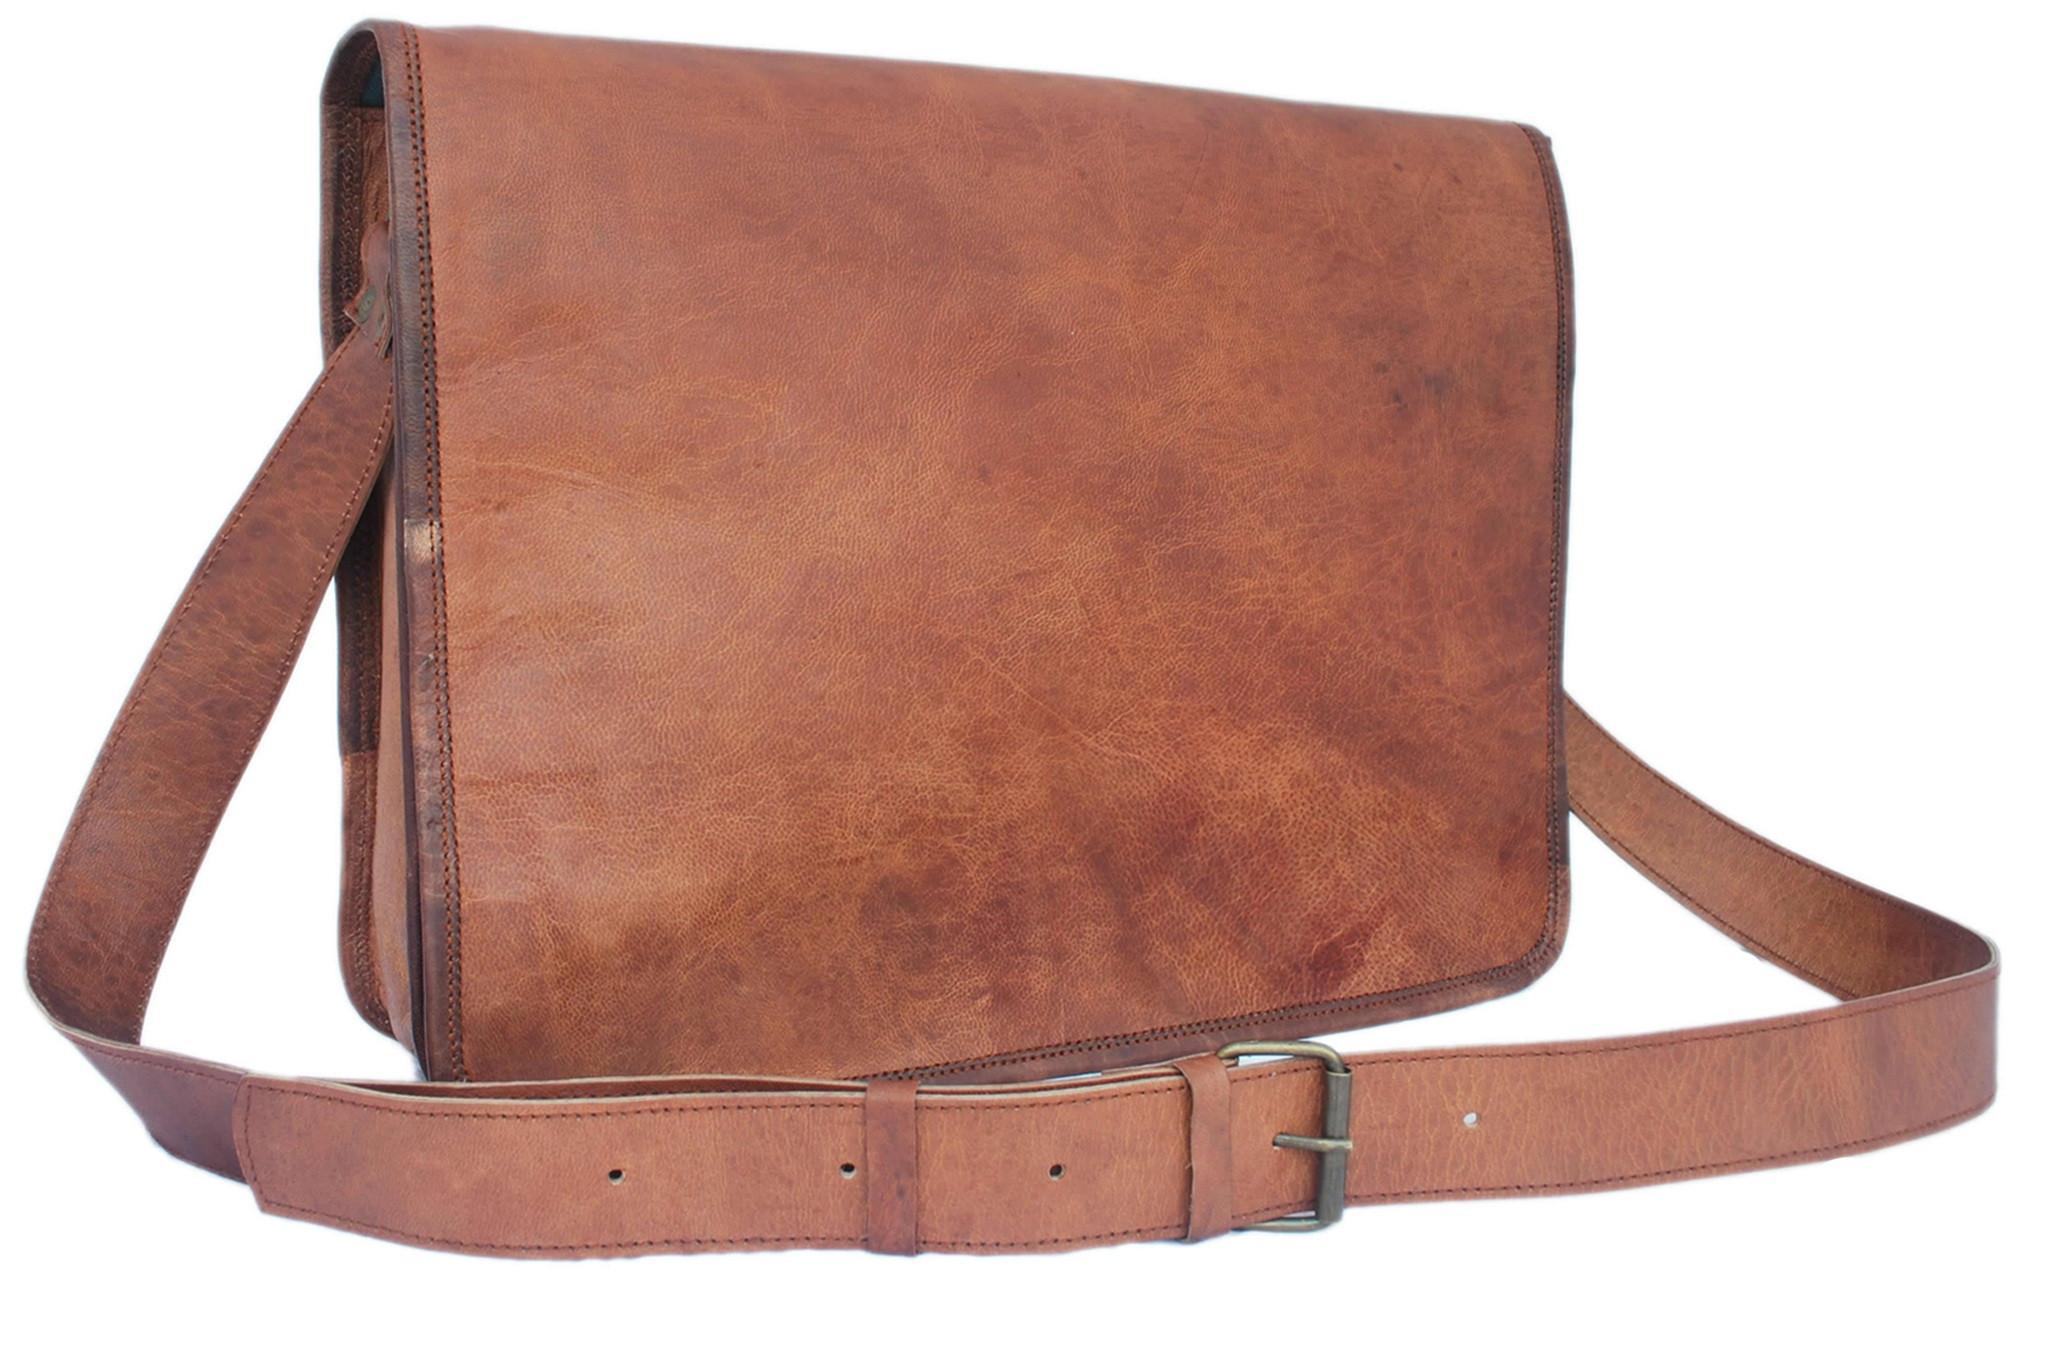 leather bags messenger vintage brown leather messenger bag 15u2033 pebbiyz